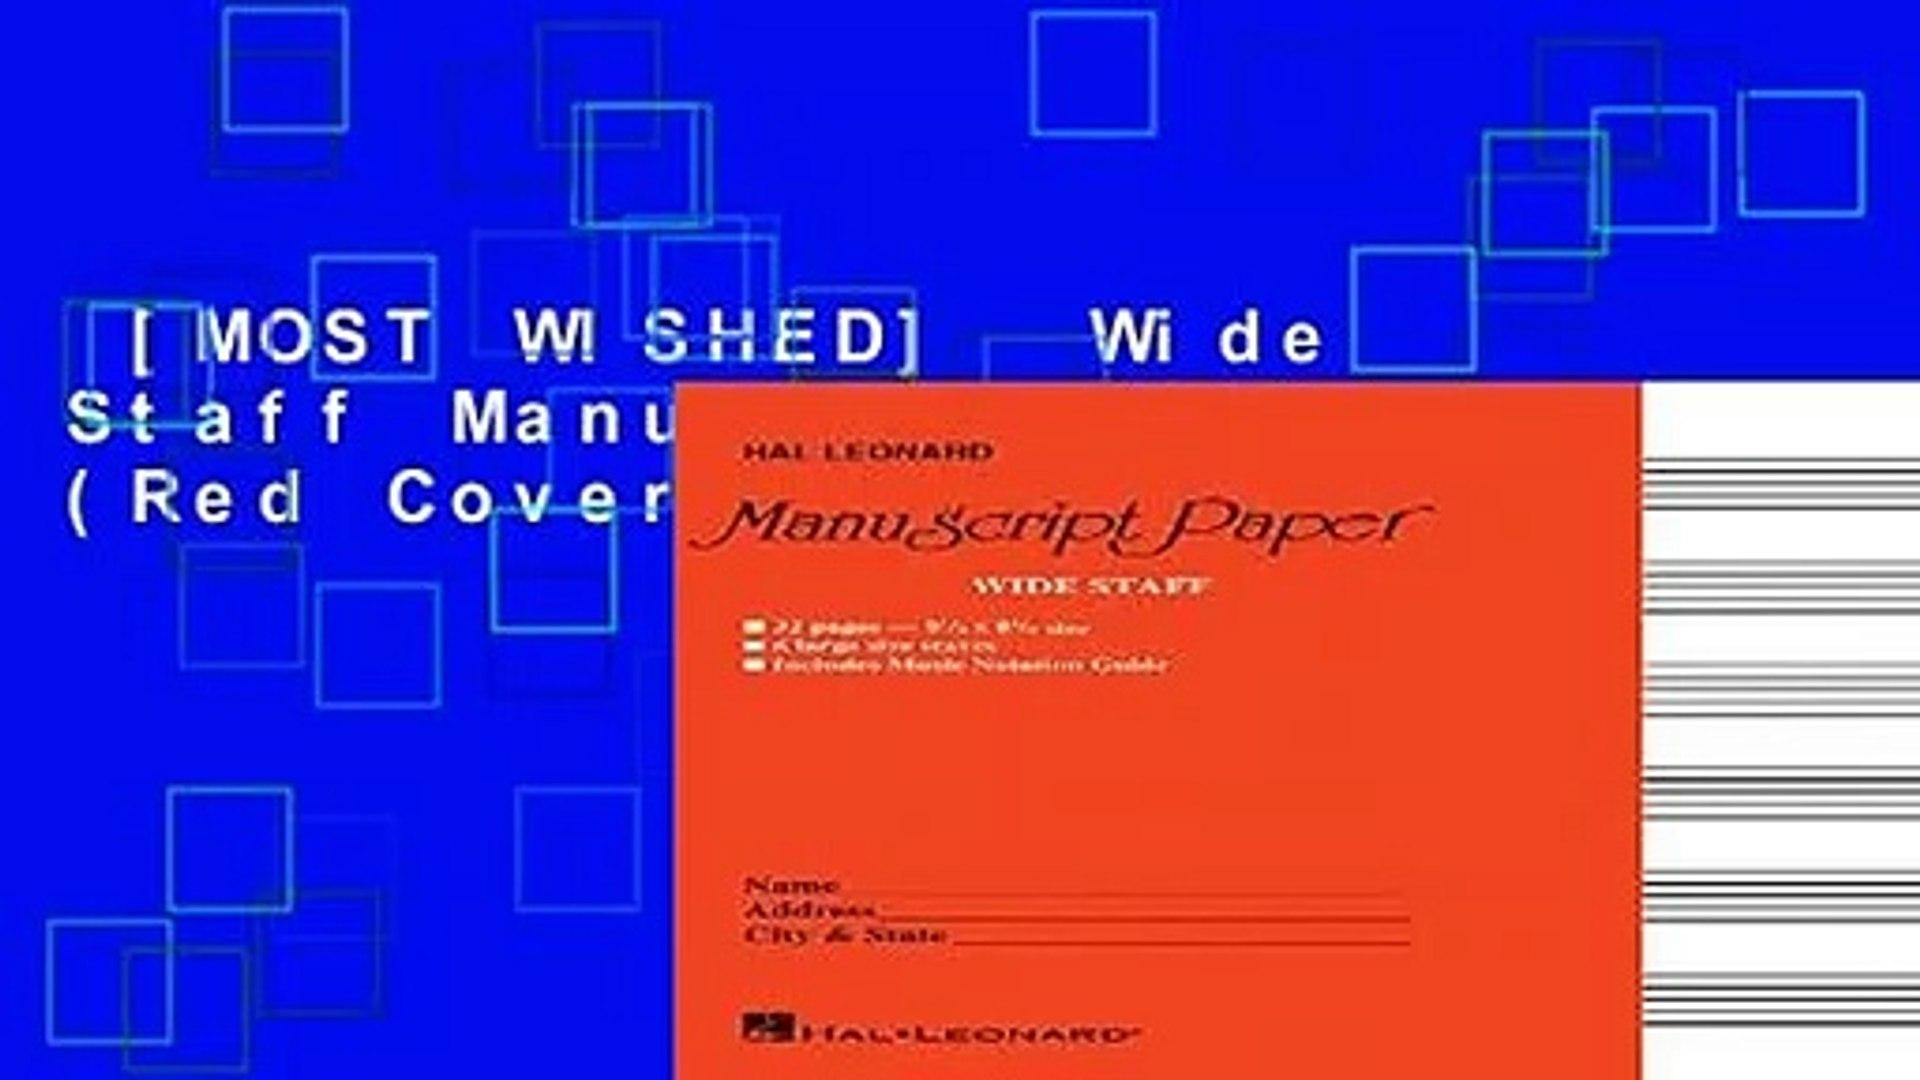 Red Cover Wide Staff Manuscript Paper